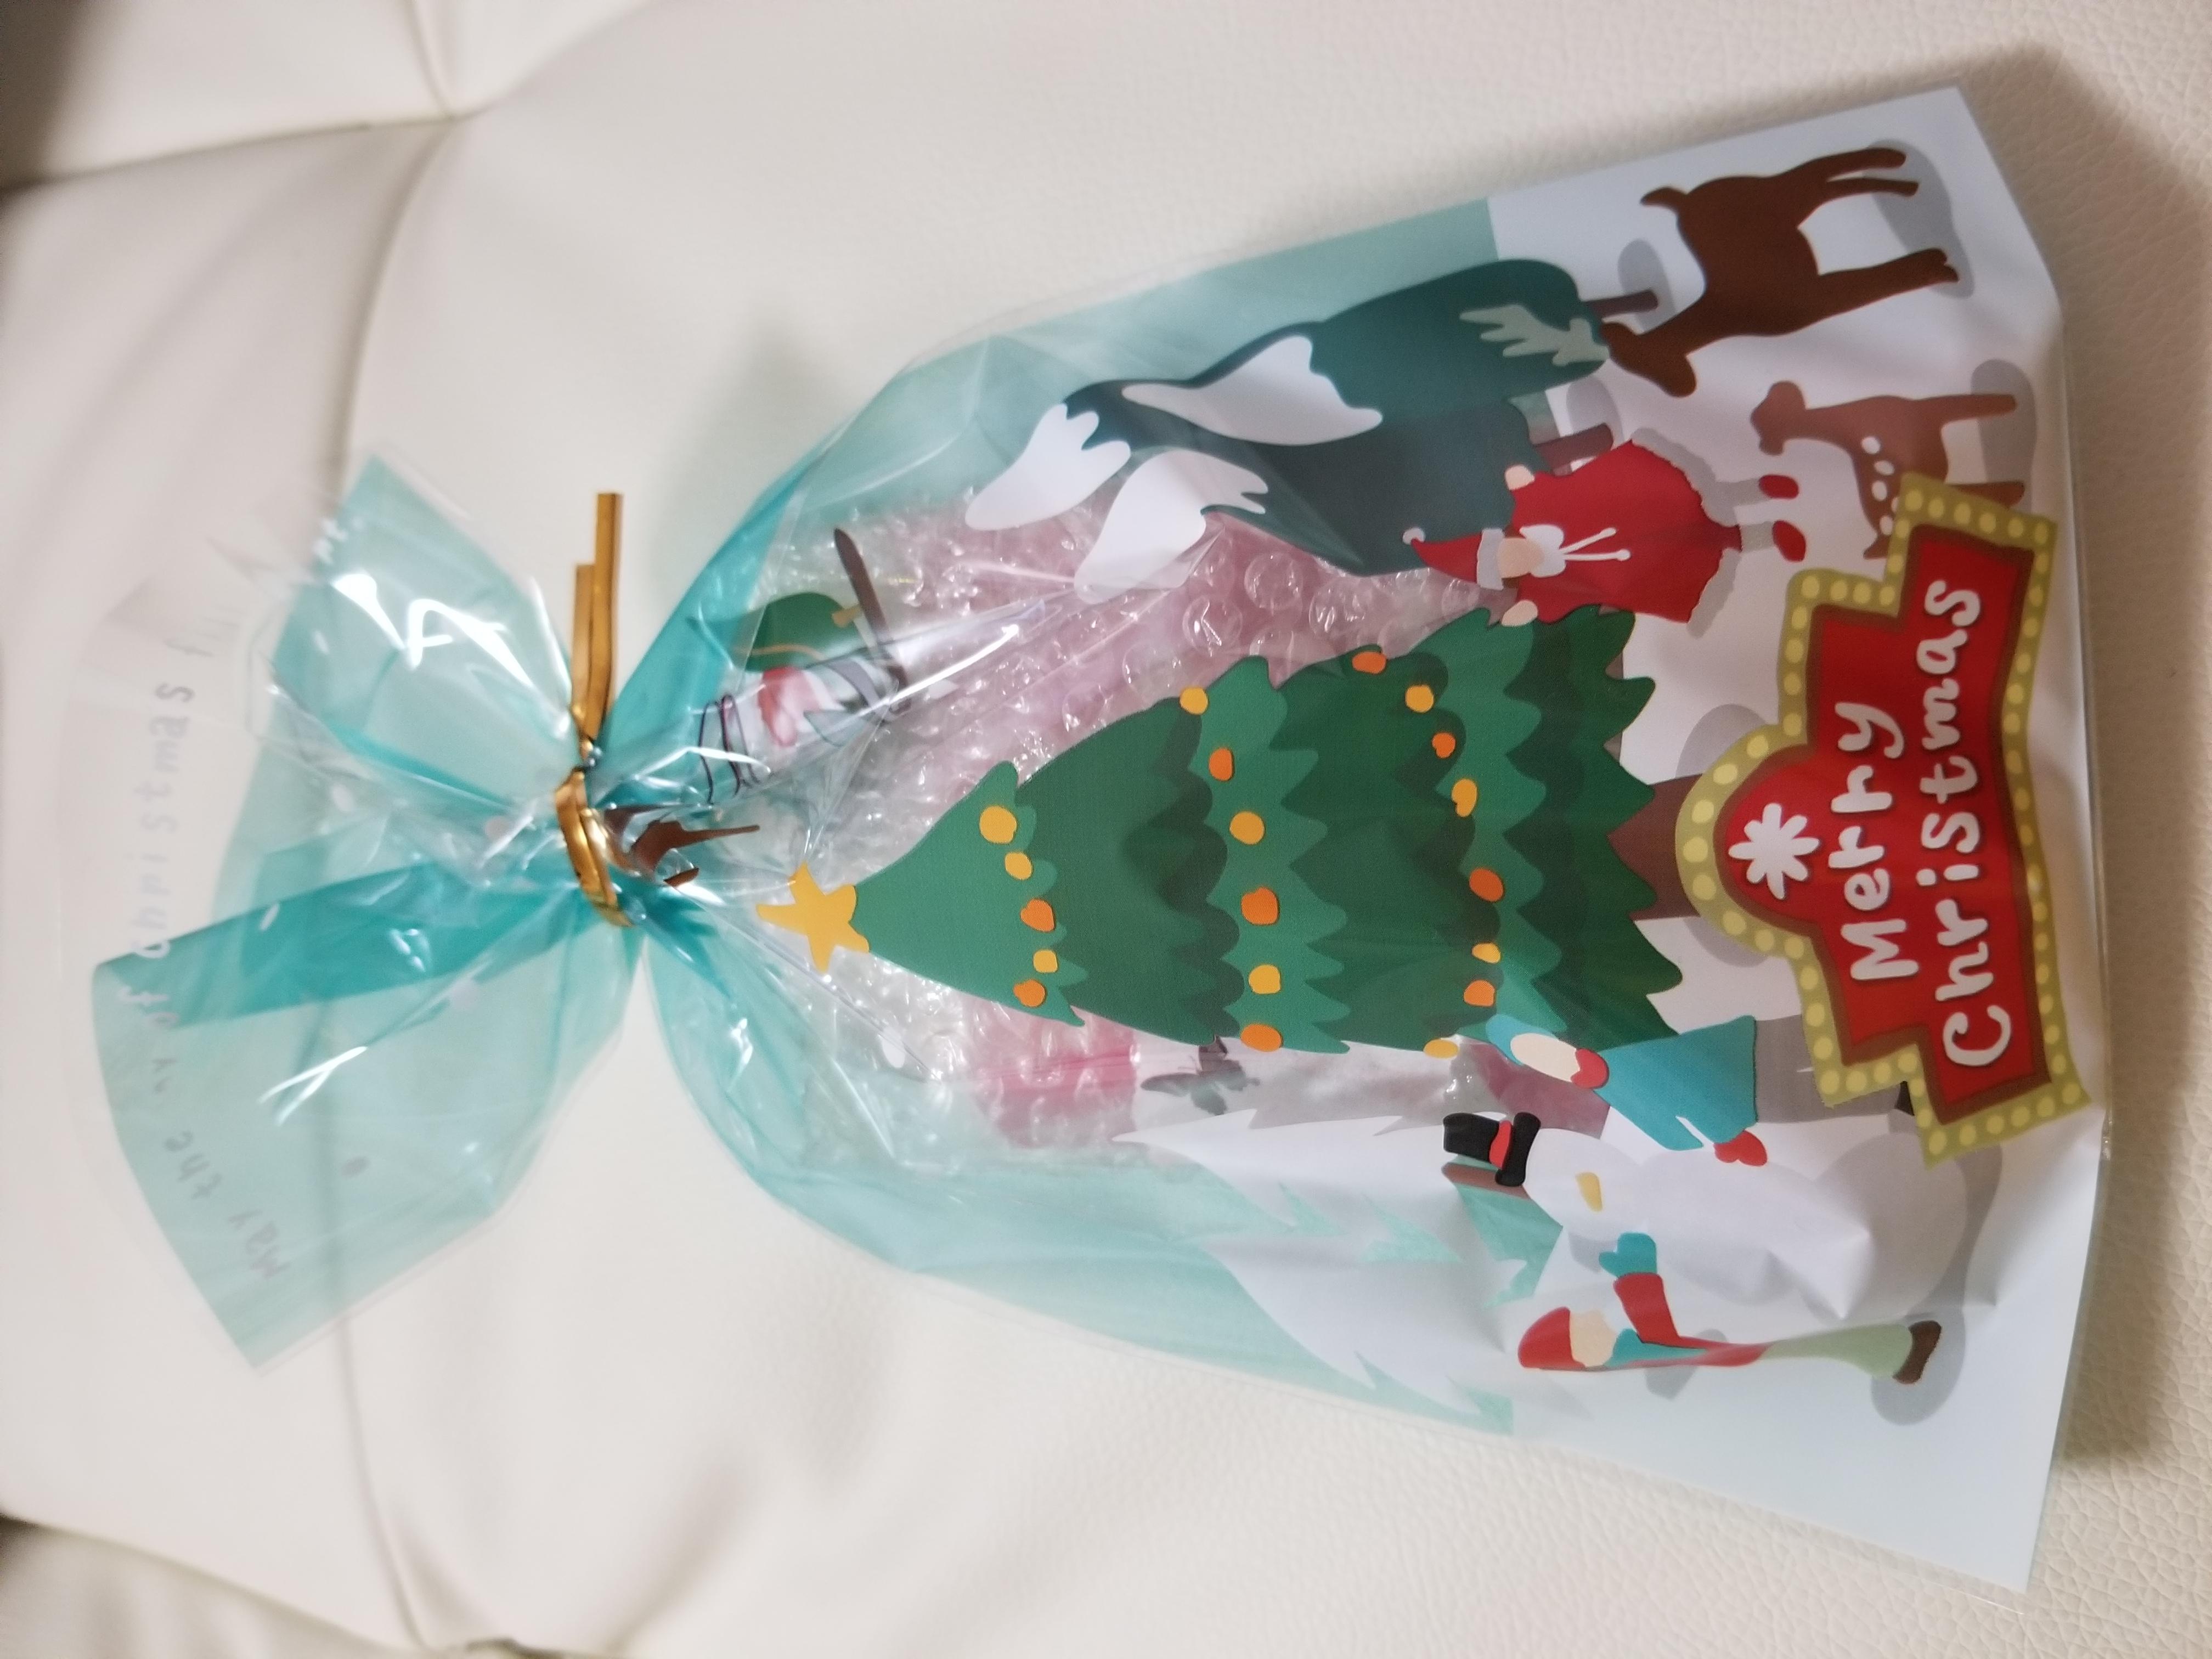 クリスマス包装あります!!